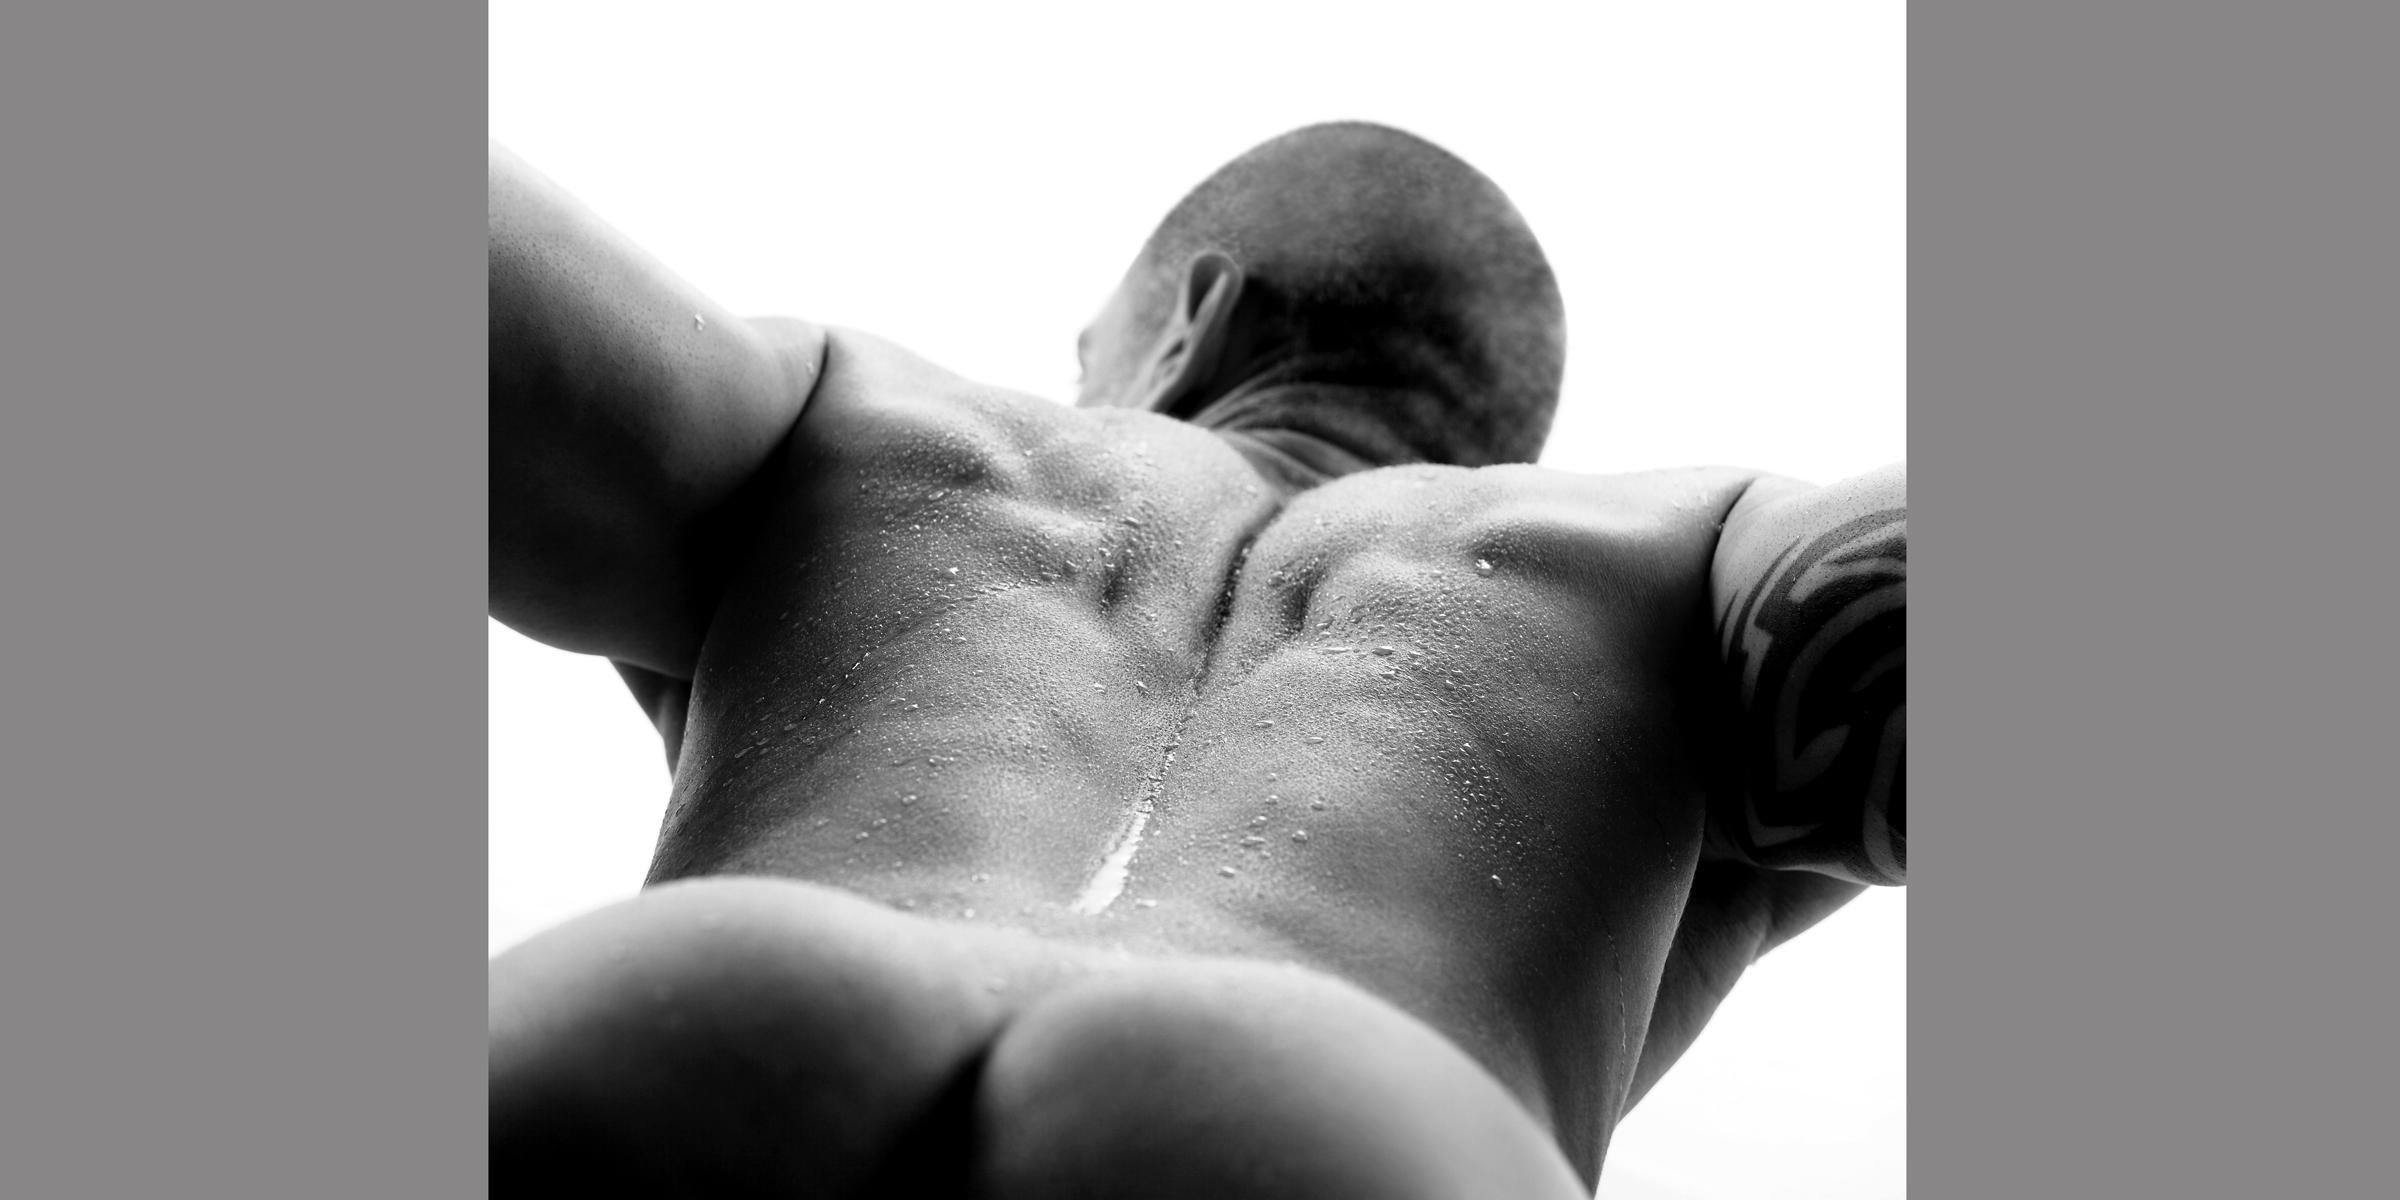 Bildausschnitt von Gesäß, Rücken und Hinterkopf eines liegenden sportlichen Mannes mit geperlten Wassertropfen auf der Haut.